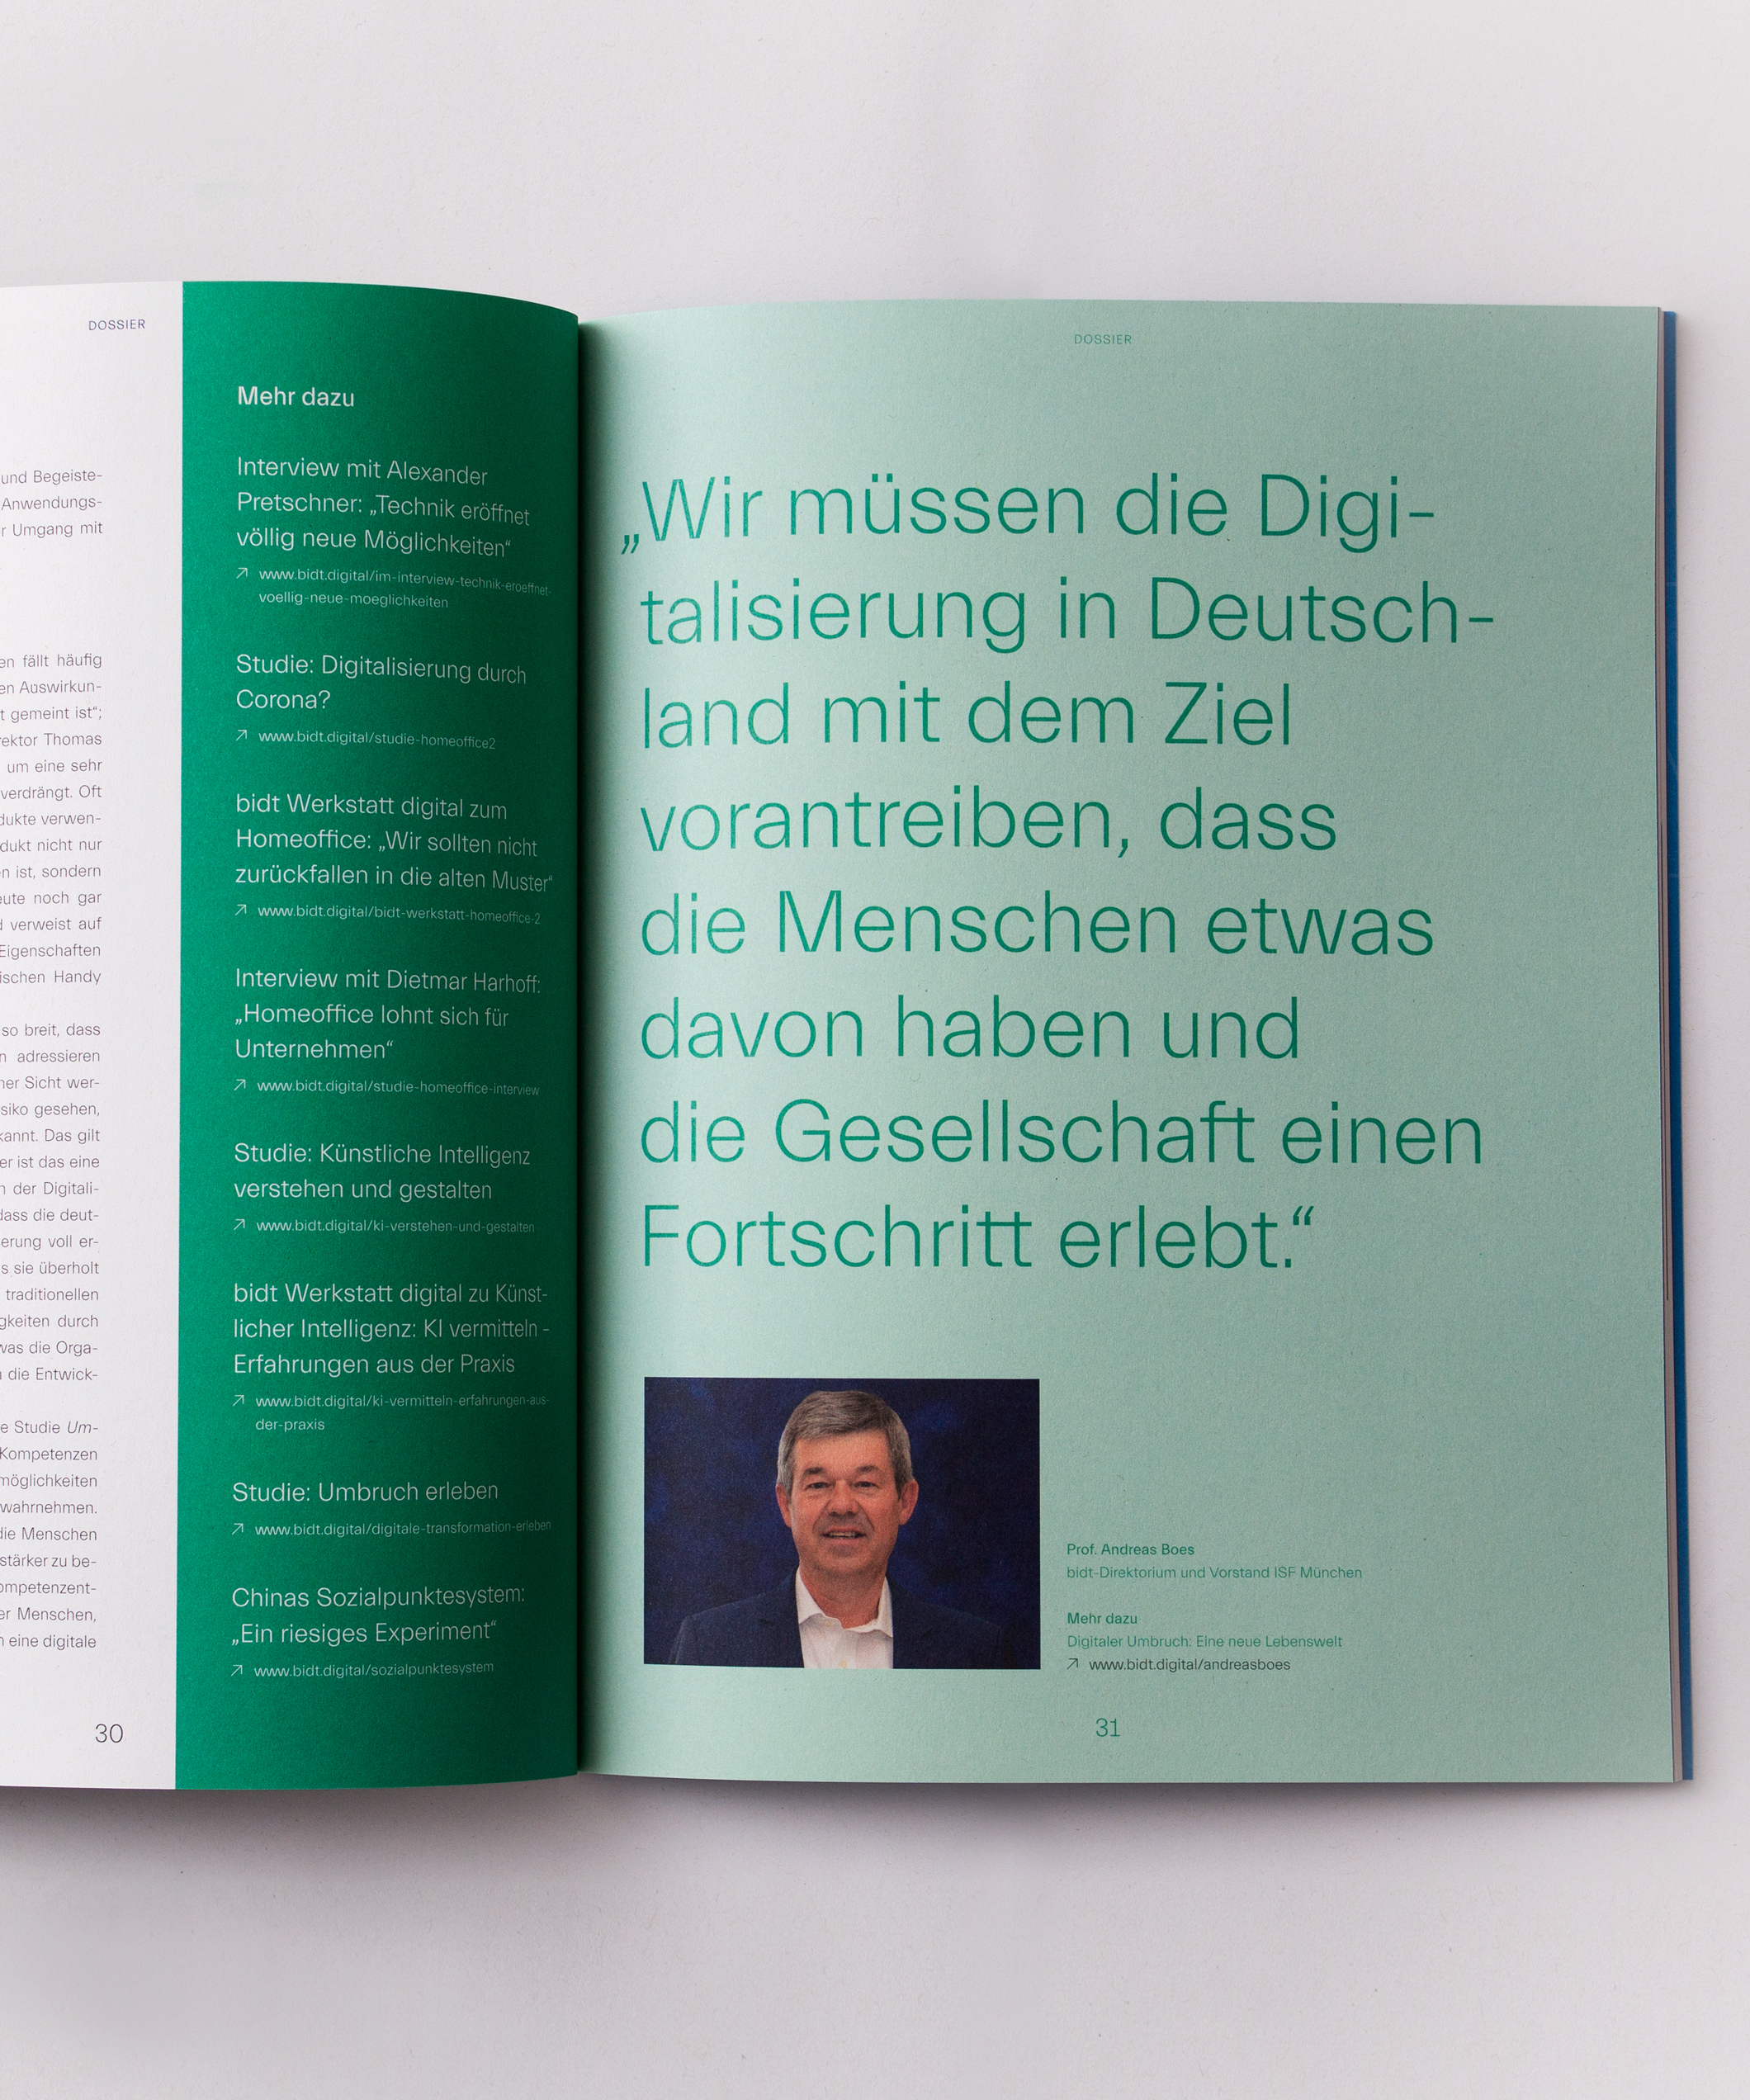 bidt_Magazin_MG_7104_hoch